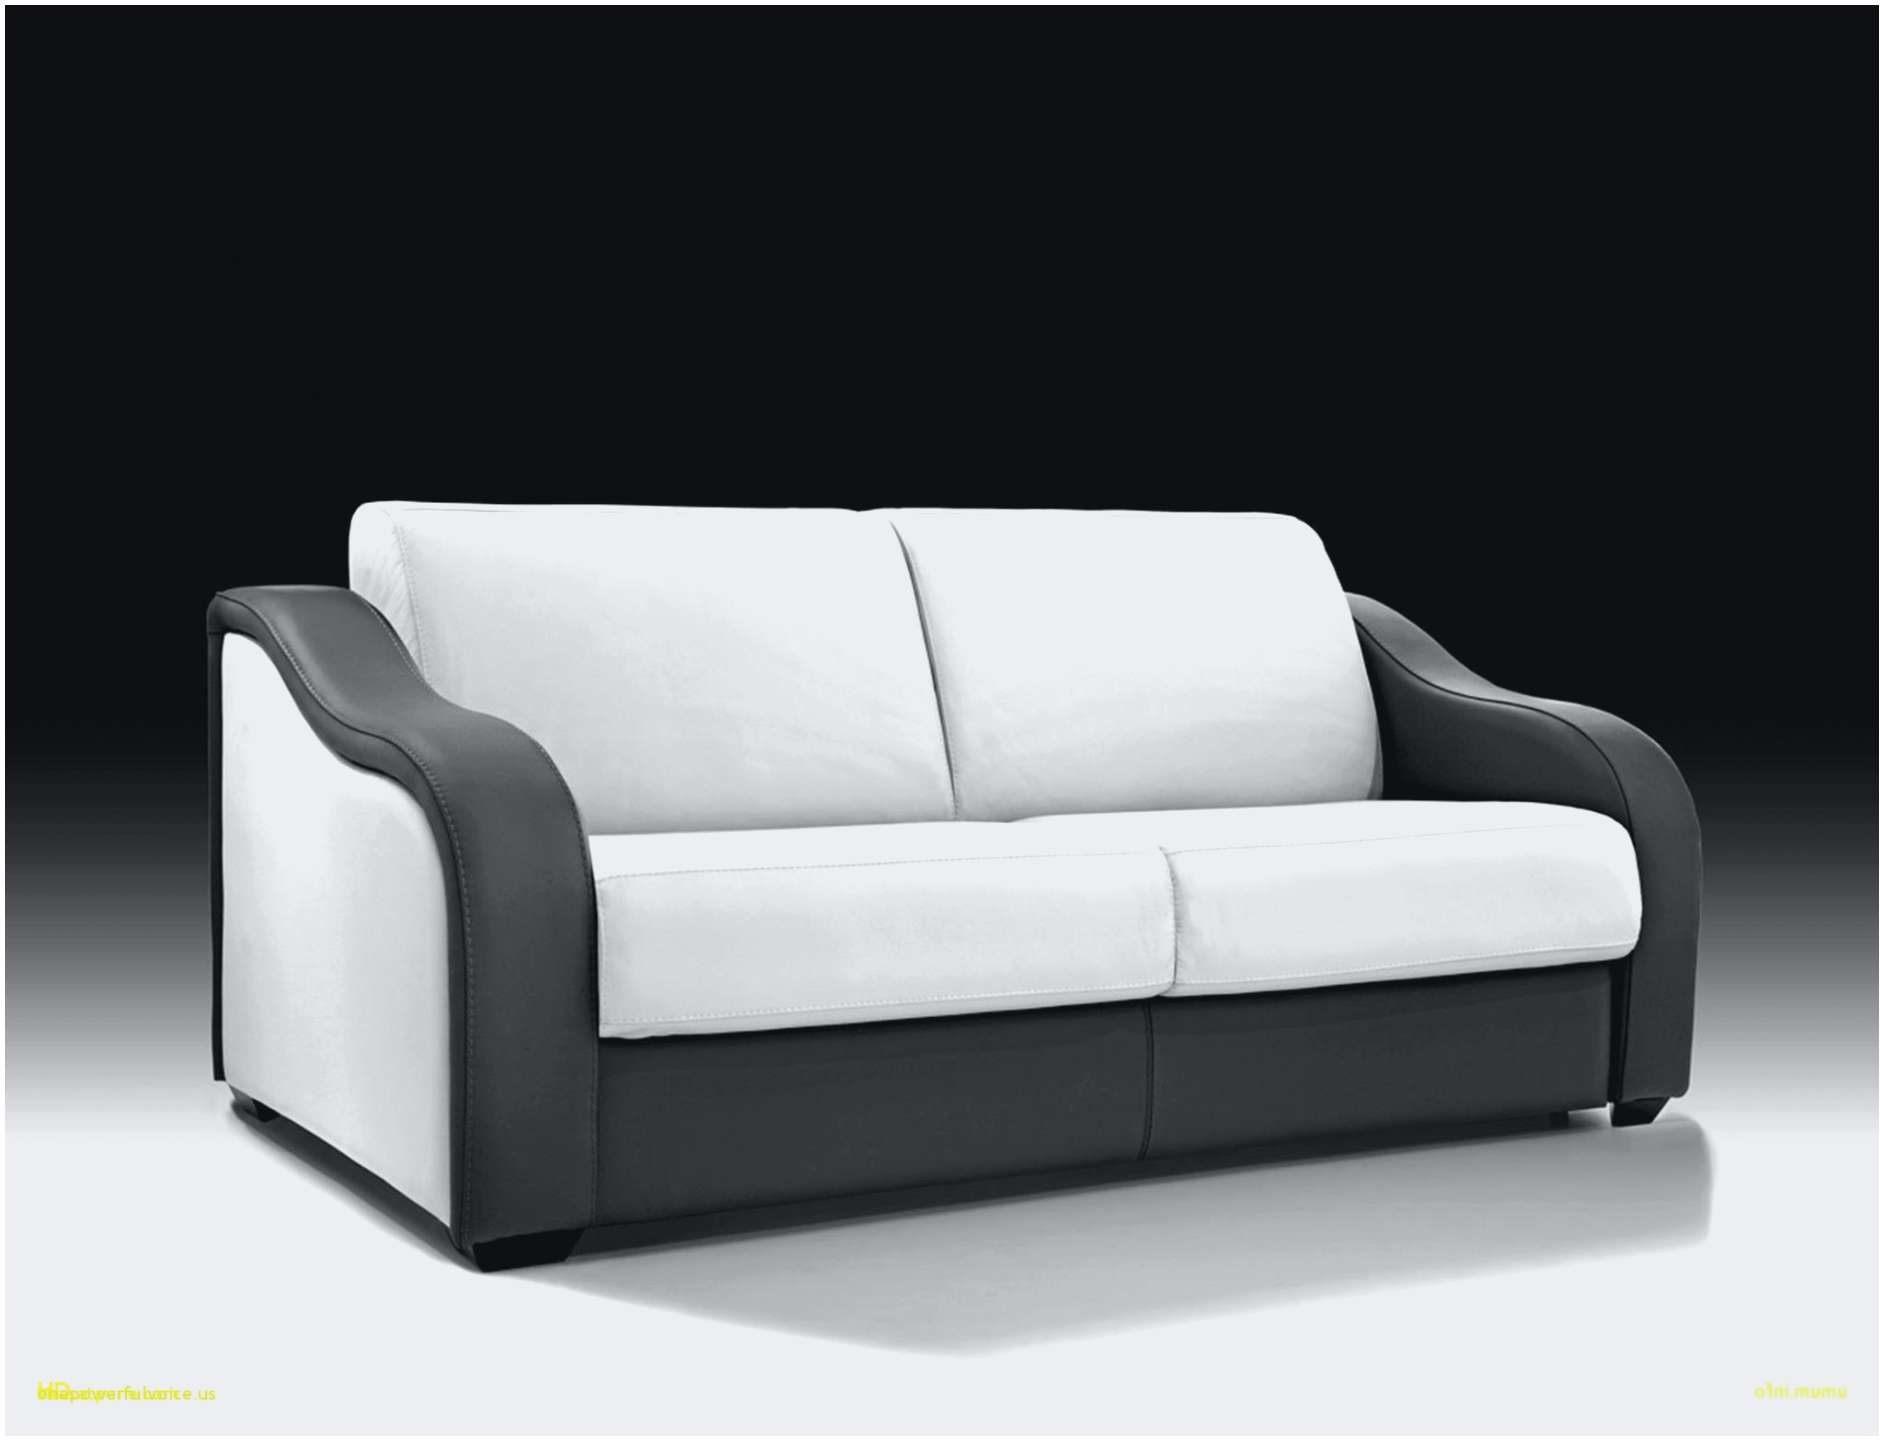 Lit Canapé Ikea Nouveau Impressionnant Canapé Italien Direct Usine — Puredebrideur Pour